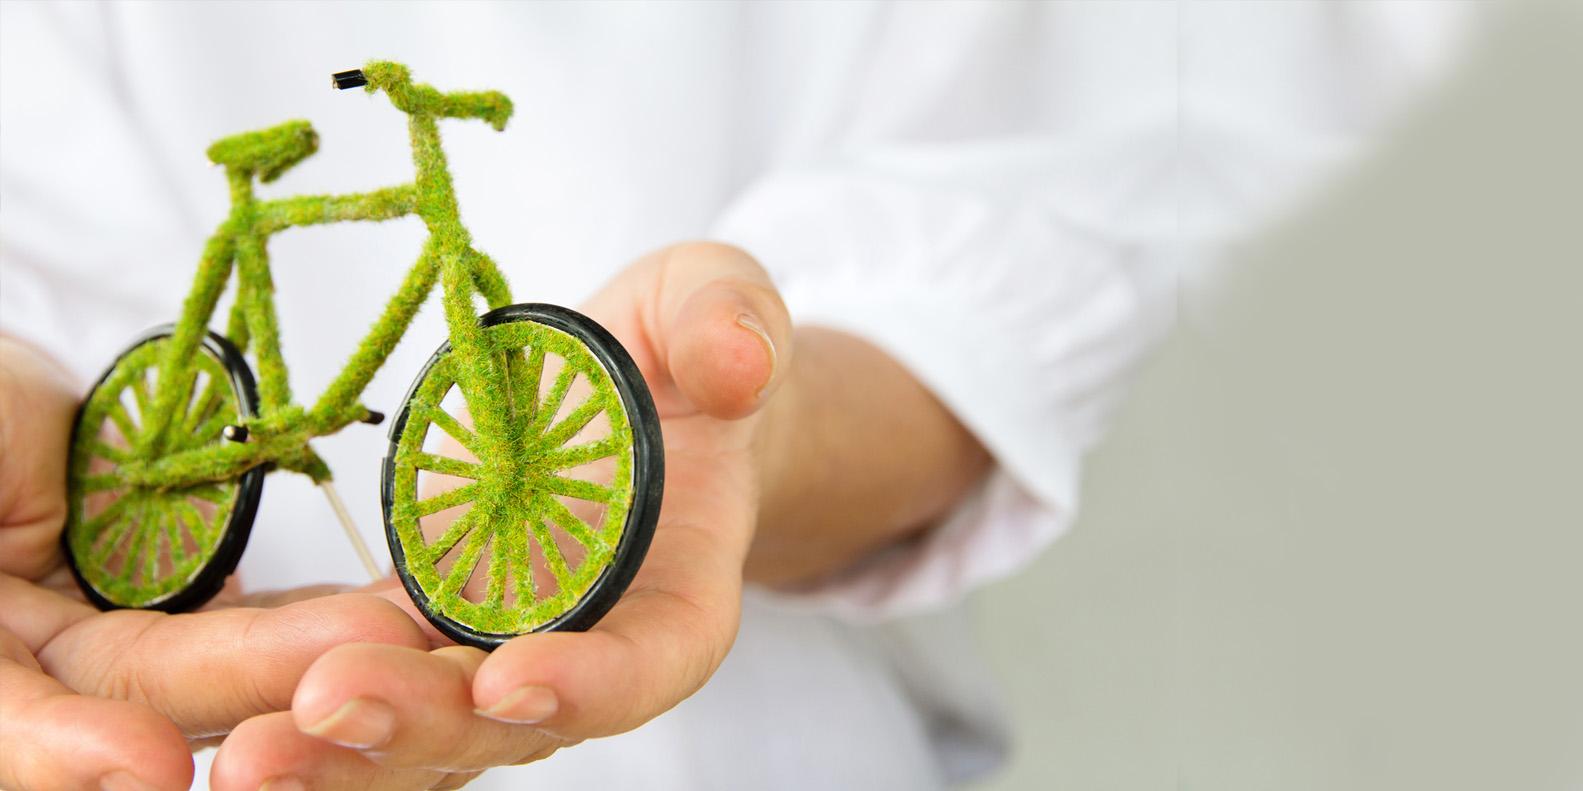 ورزش و سلامتی با دوچرخه